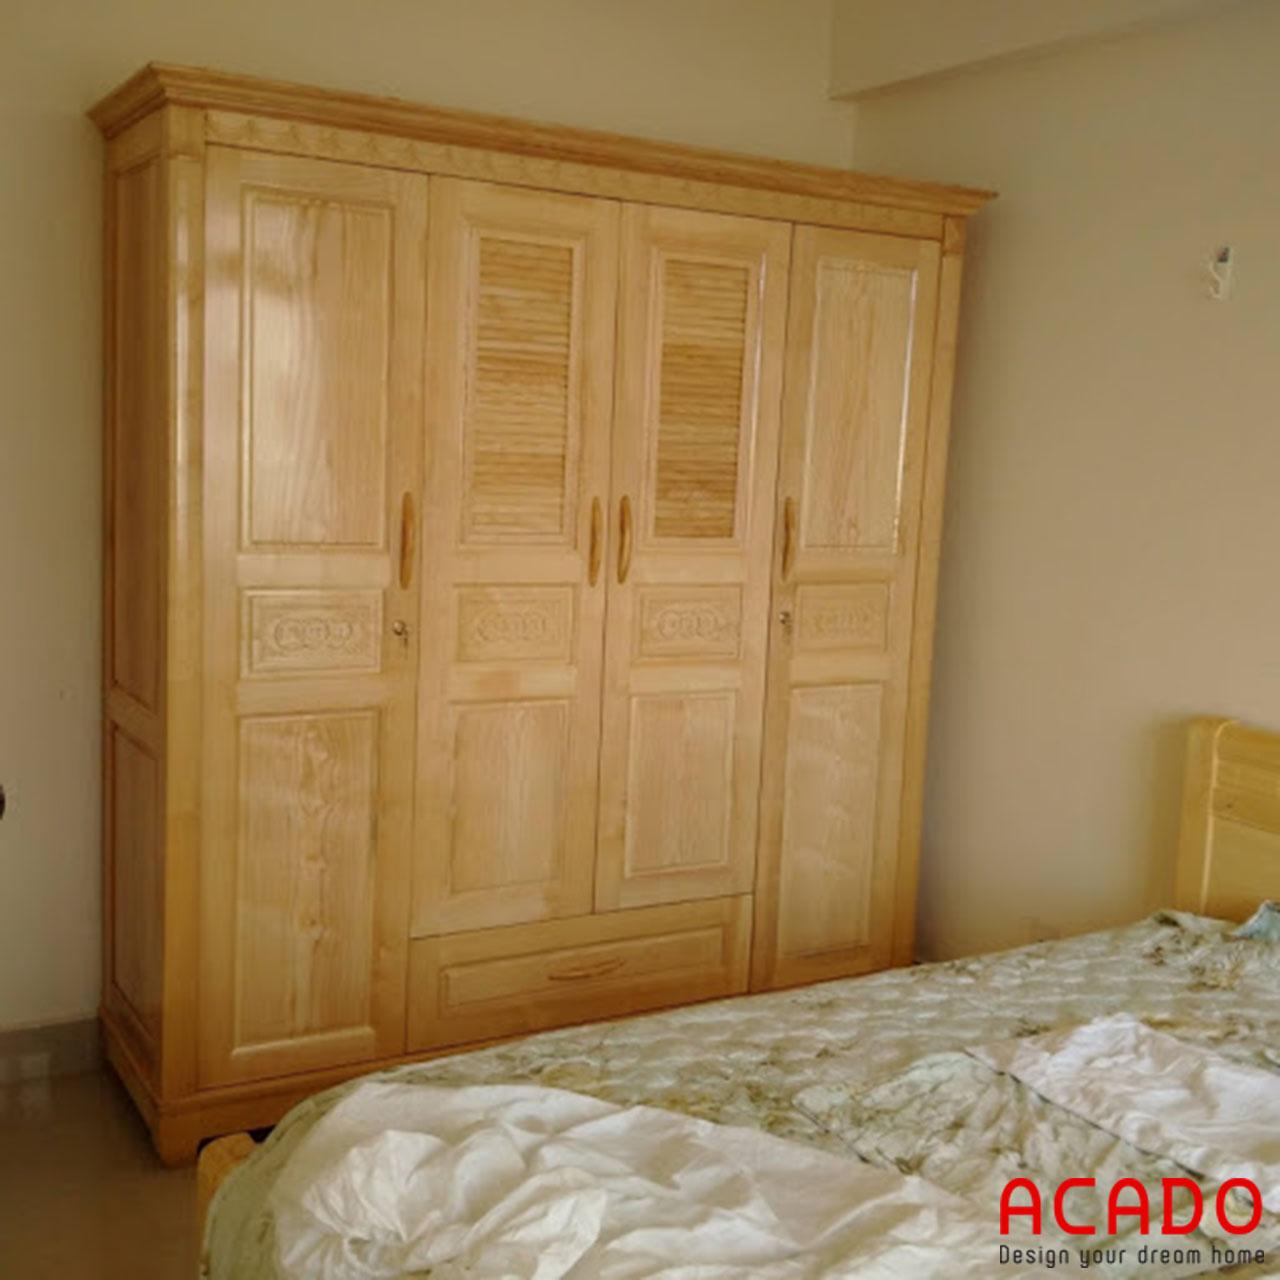 Tủ quần áo gỗ sồi Nga màu vàng nhạt cho bạn tham khảo